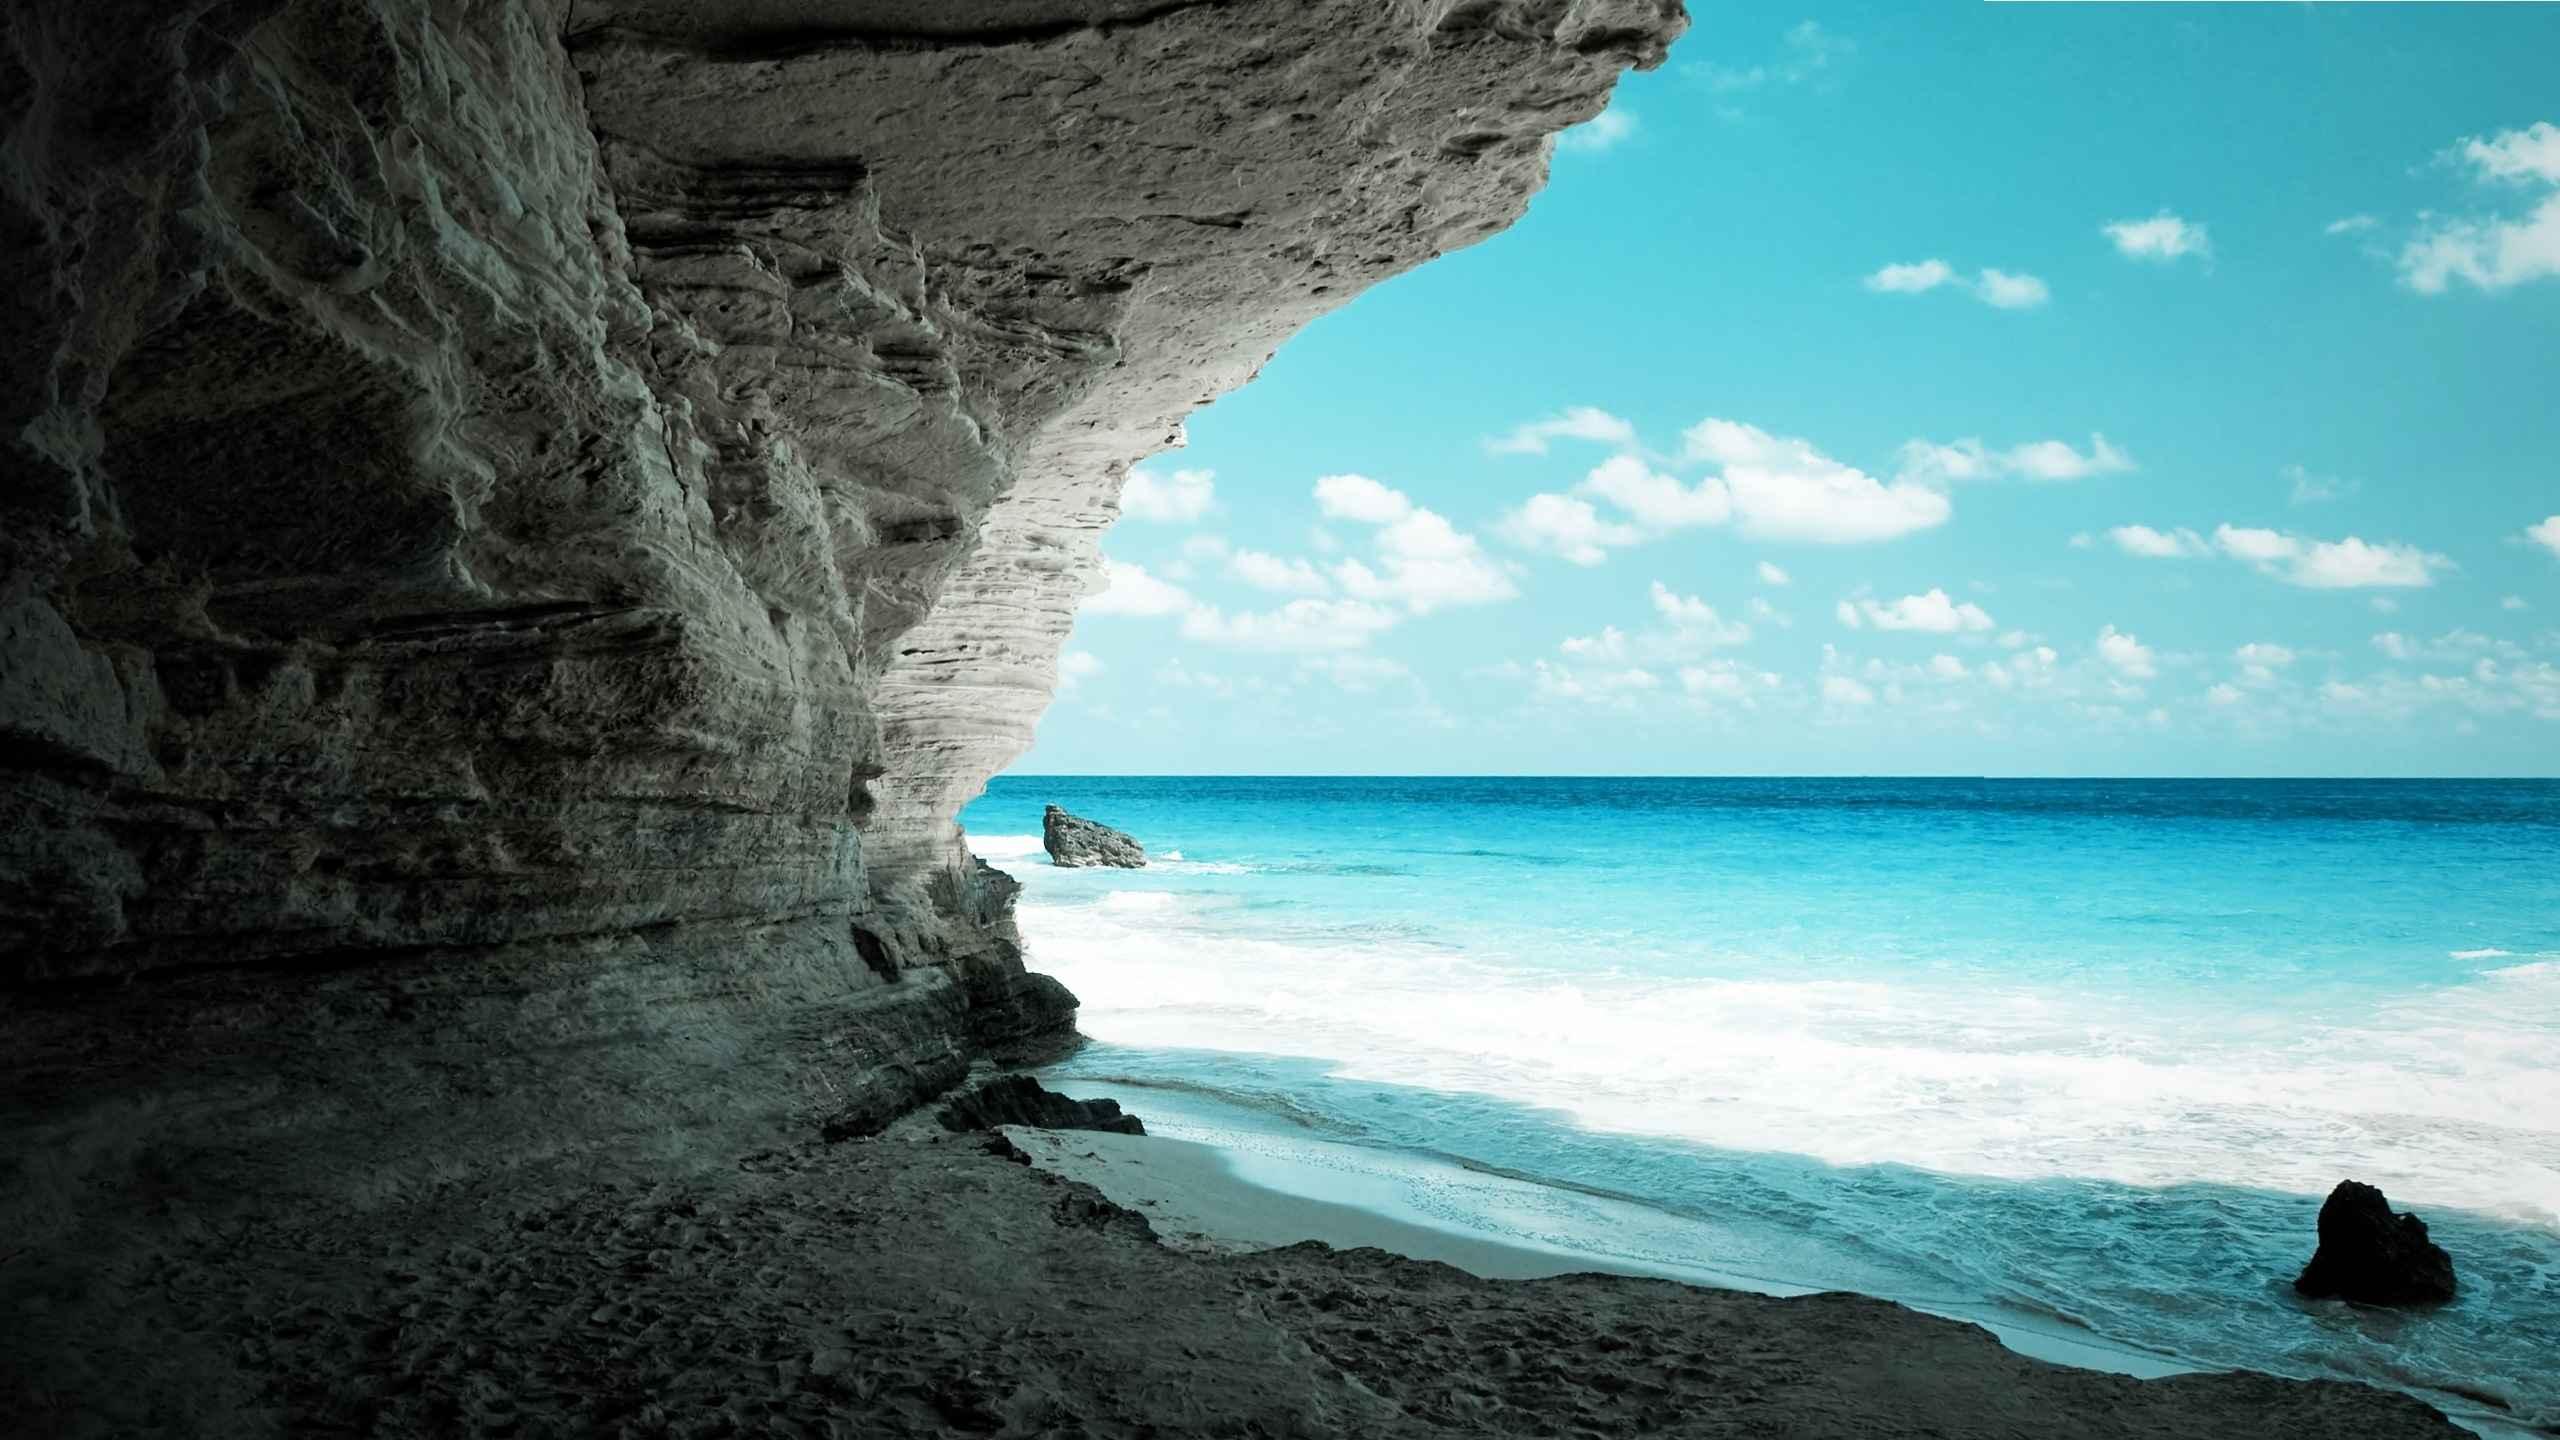 Beach Wallpaper 004